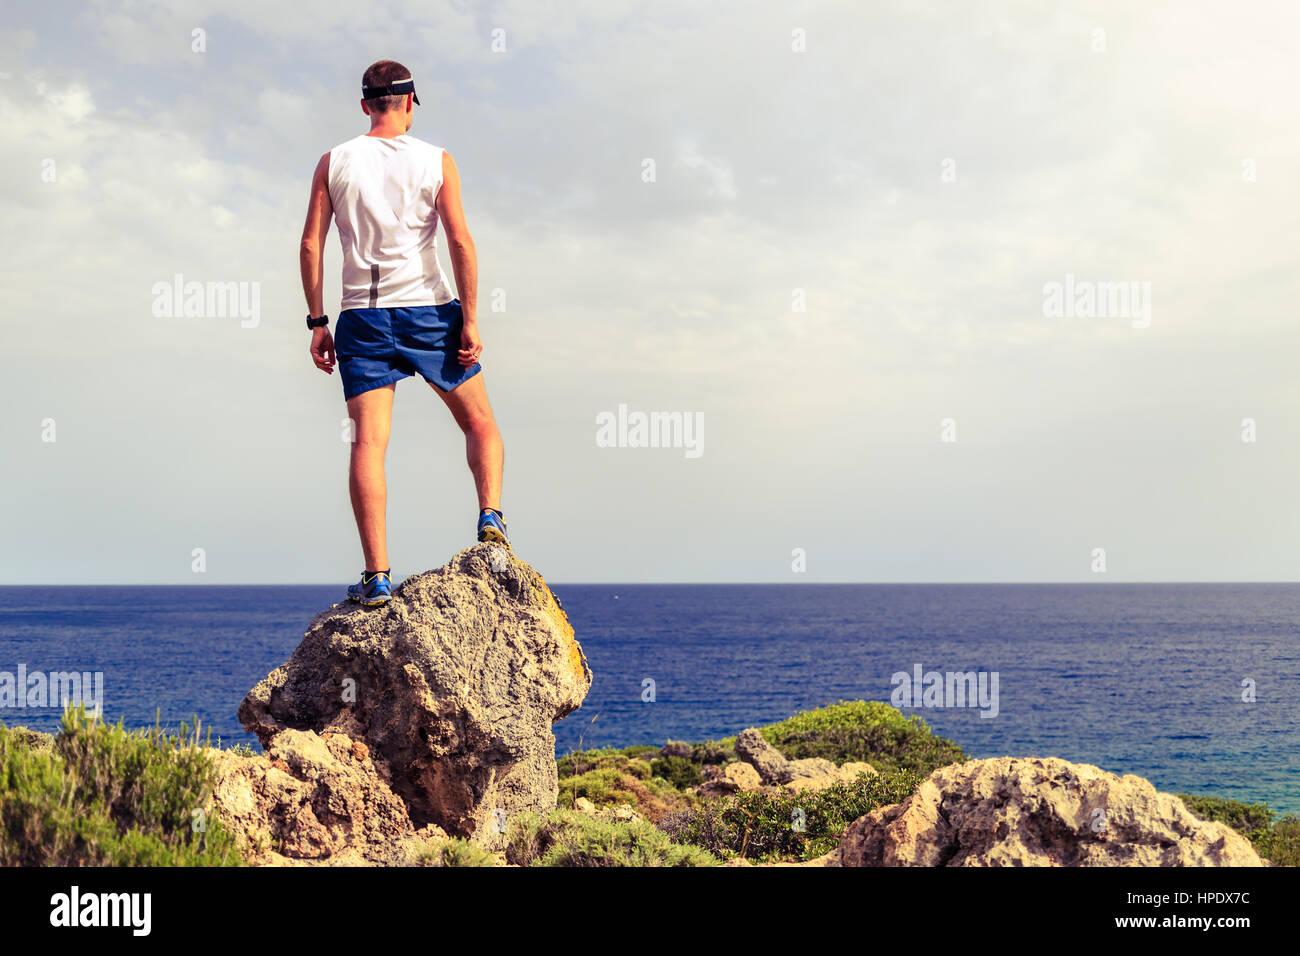 Happy trail runner, le succès d'exécution ou de réalisation du concept d'entreprise réalisation Photo Stock